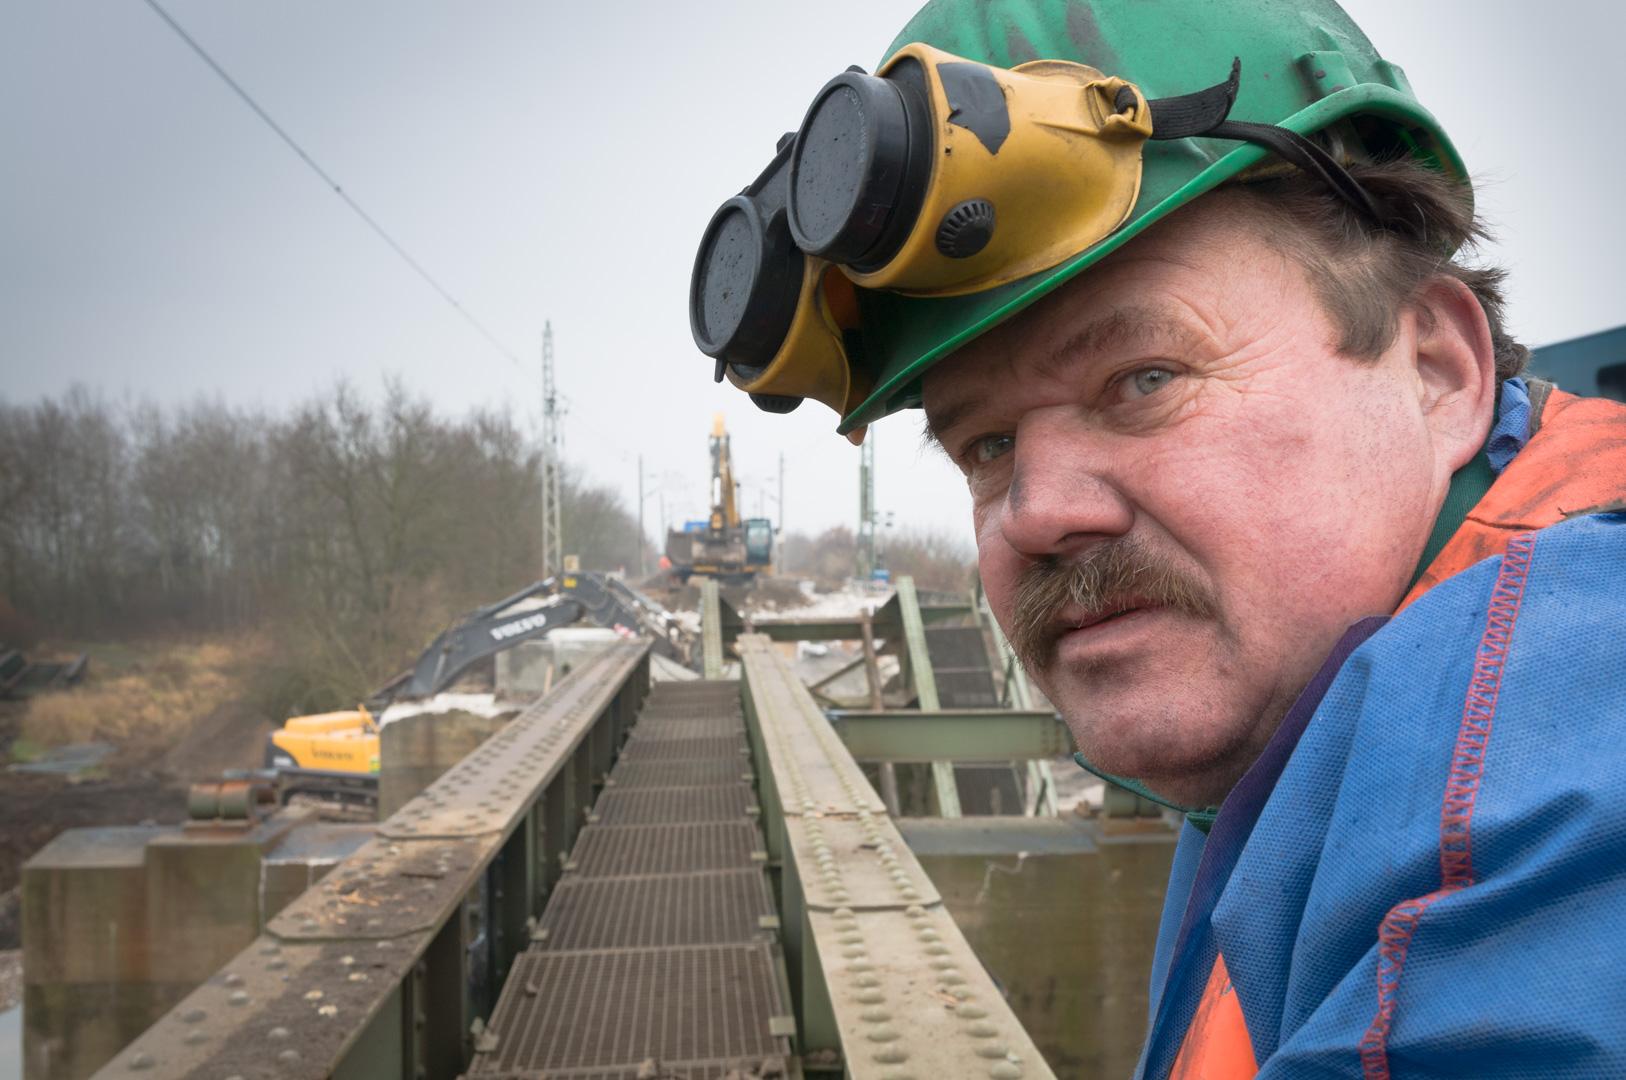 Portrait Schweisser auf Stahlbrücke